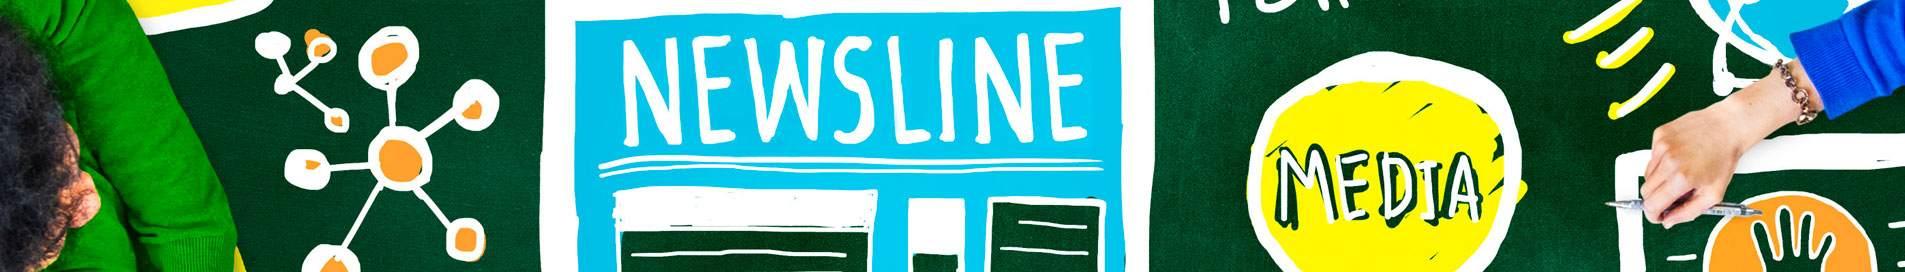 banner_newsline_1905x272